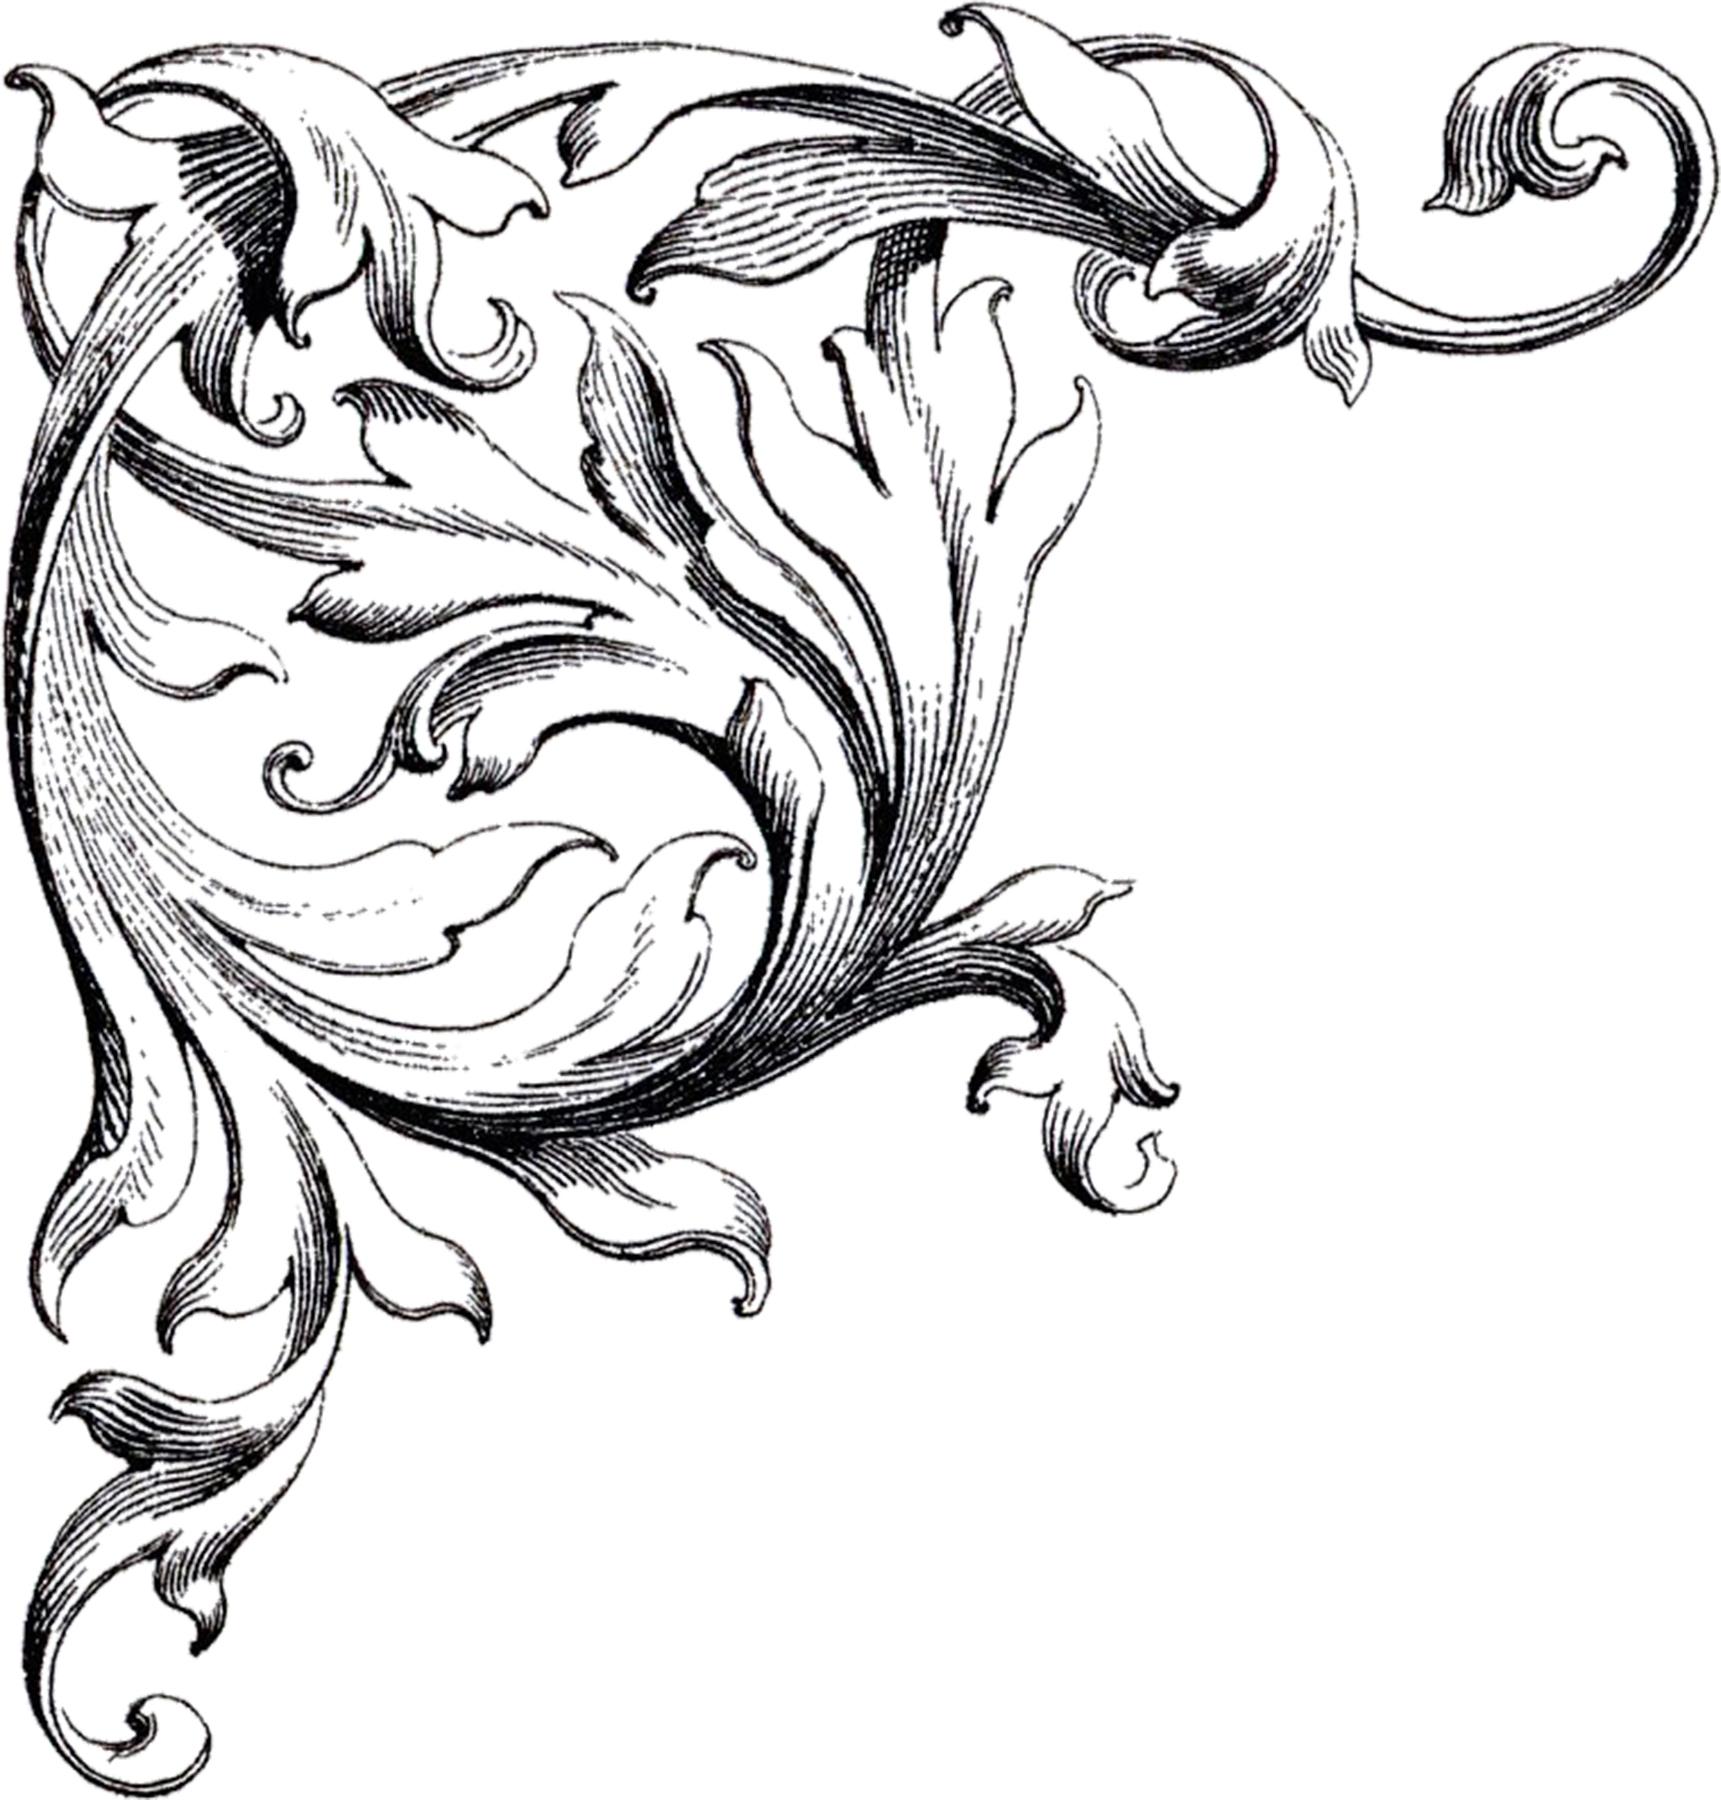 Free Wedding Clip Art Scrolls-Free Wedding Clip Art Scrolls-8